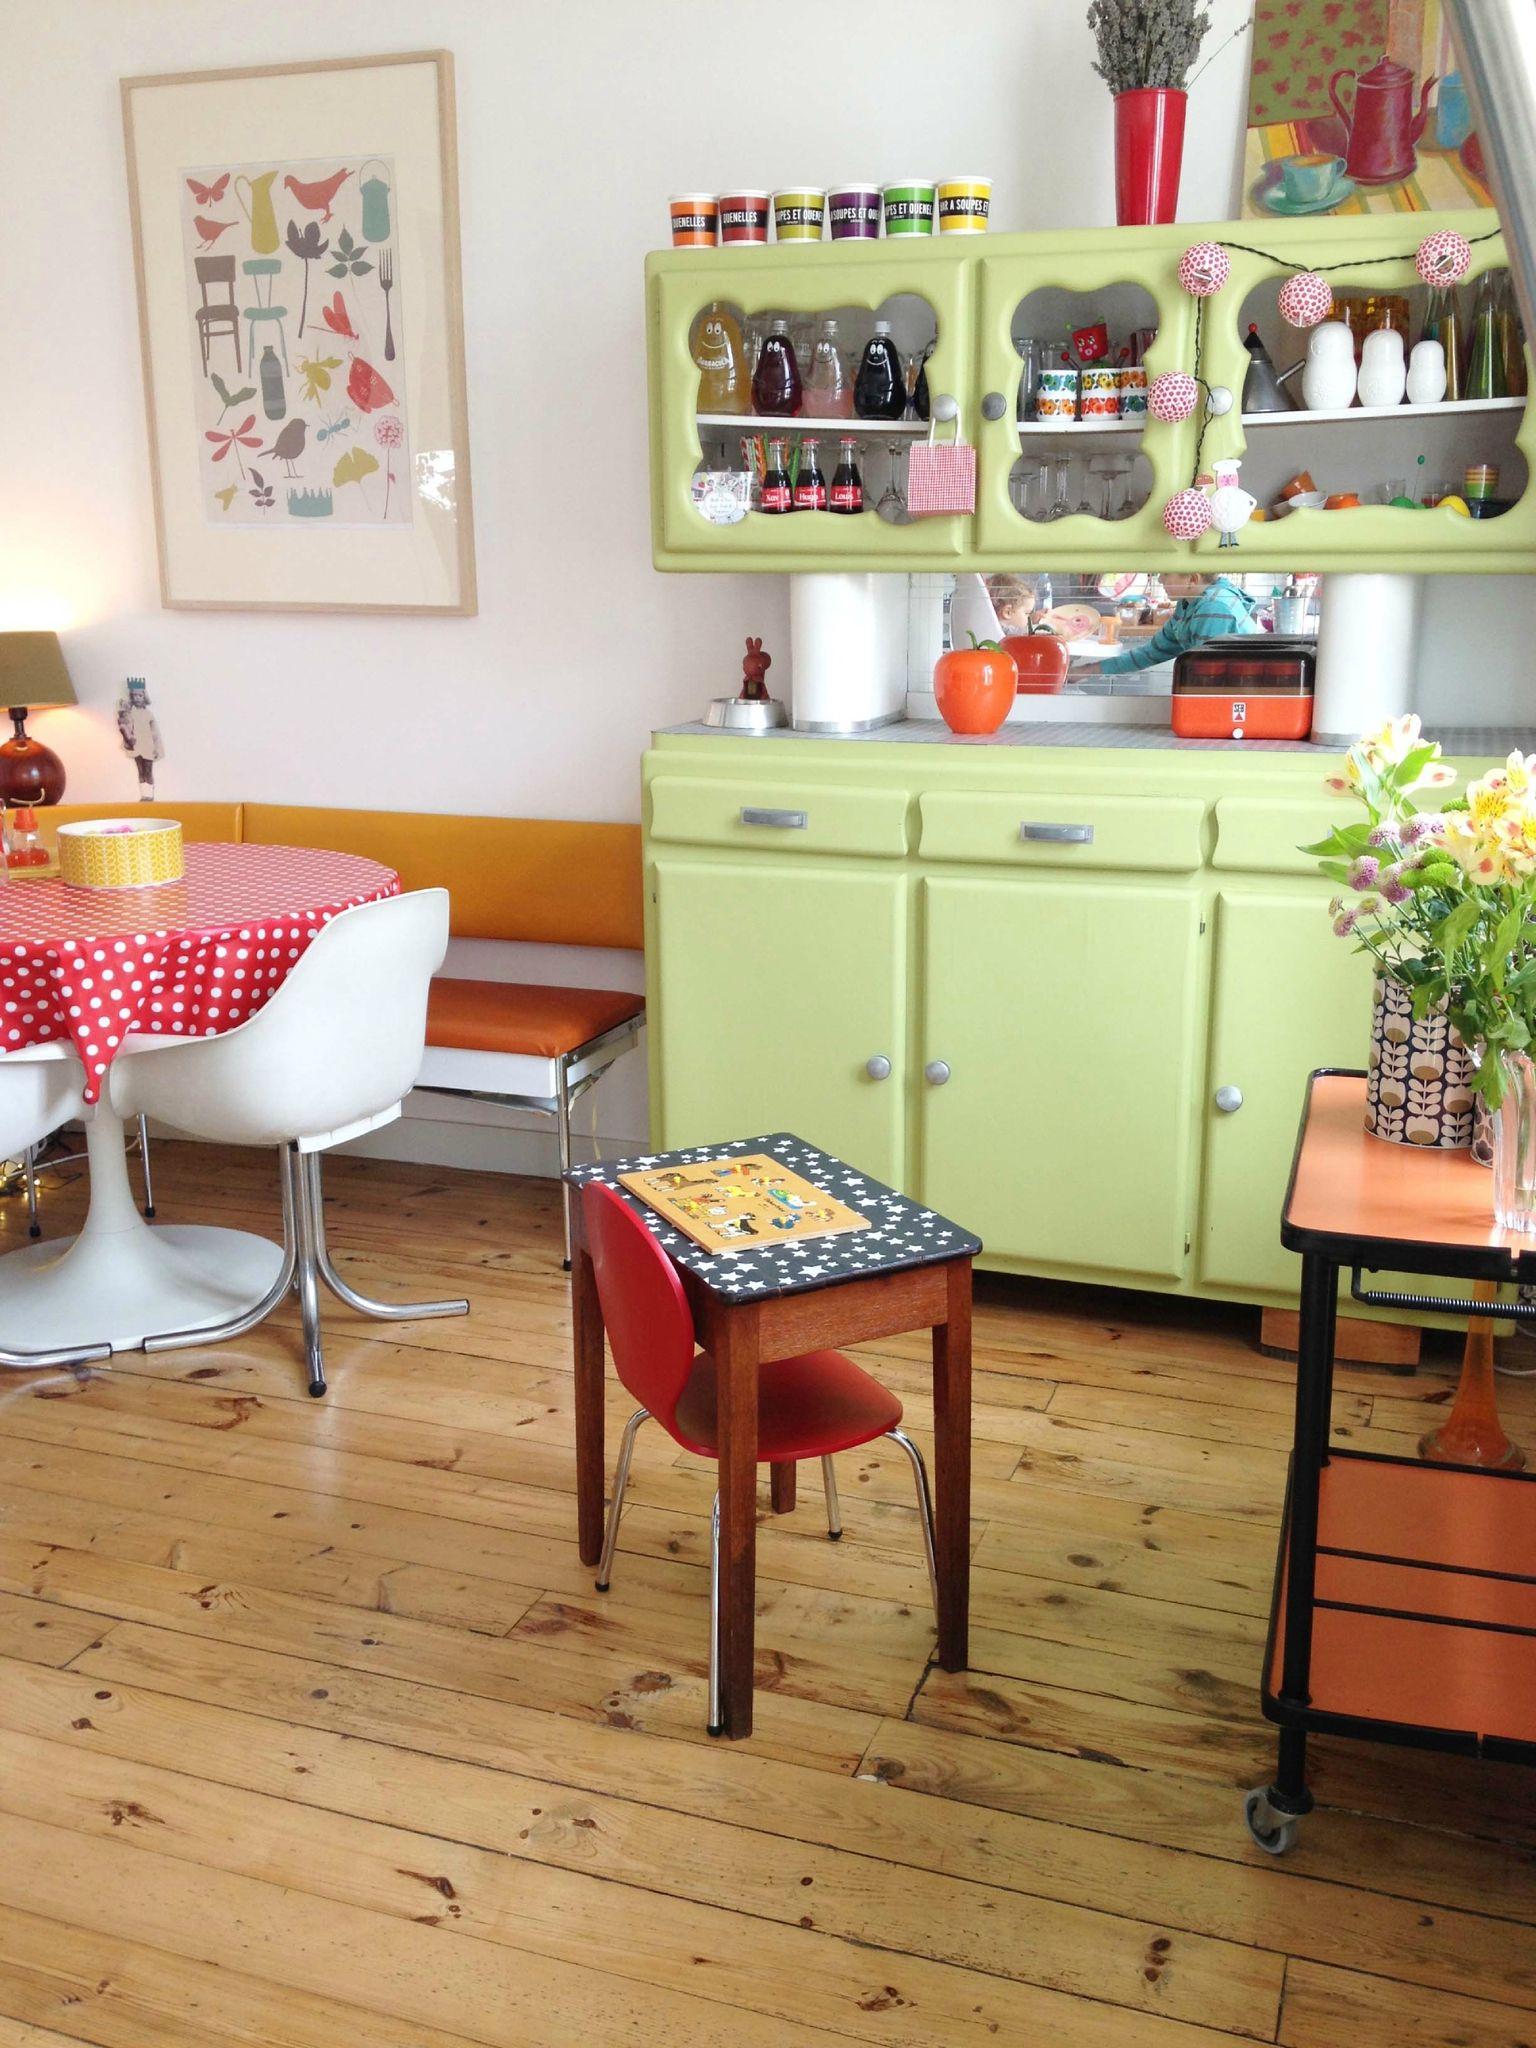 Deco Du Mercredi Ma Rue Bric A Brac Meuble Cuisine Meuble Mado Mobilier De Salon